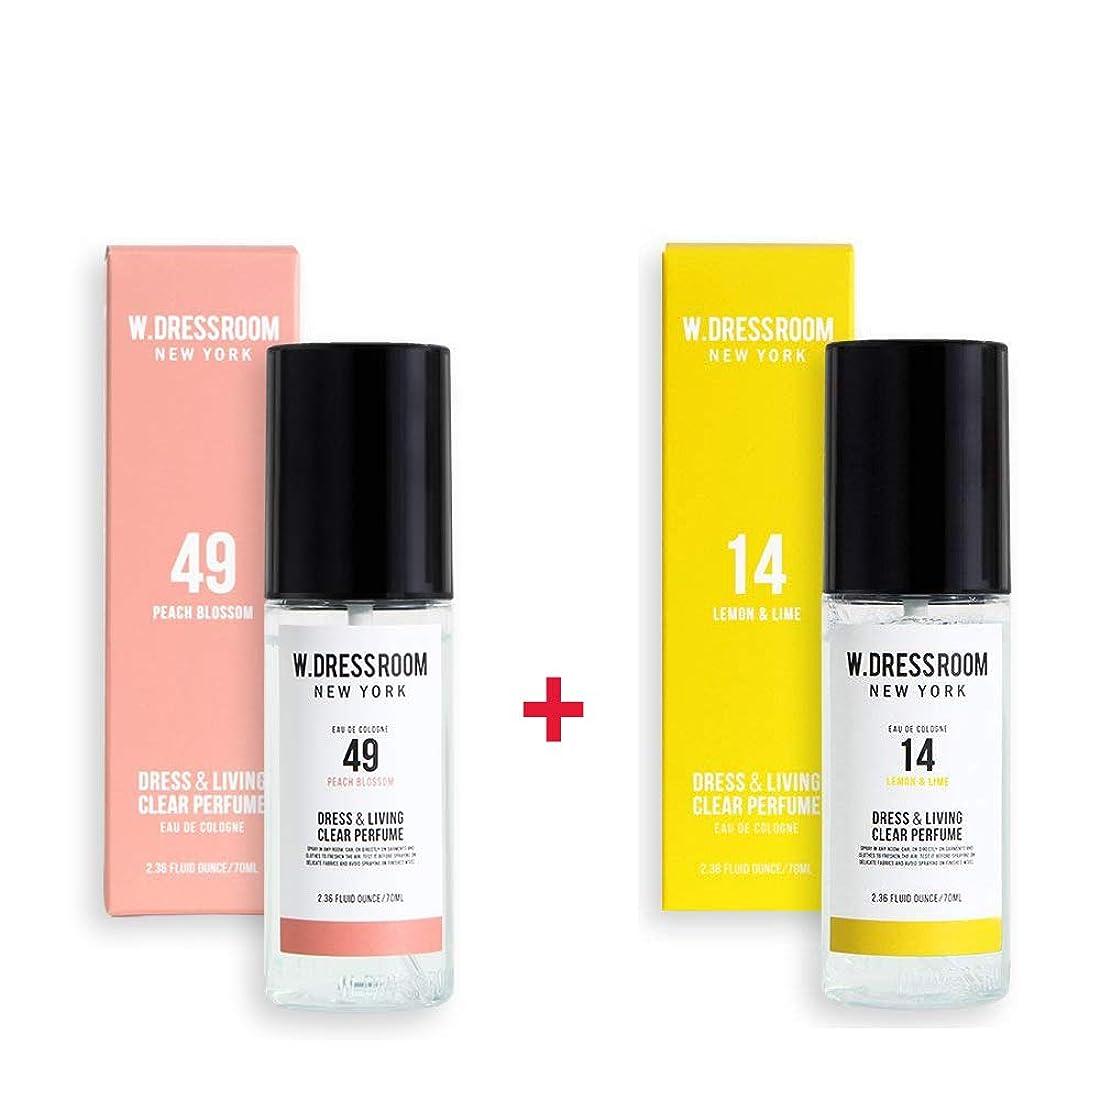 虚弱成功した戸惑うW.DRESSROOM Dress & Living Clear Perfume 70ml (No 49 Peach Blossom)+(No 14 Lemon & Lime)